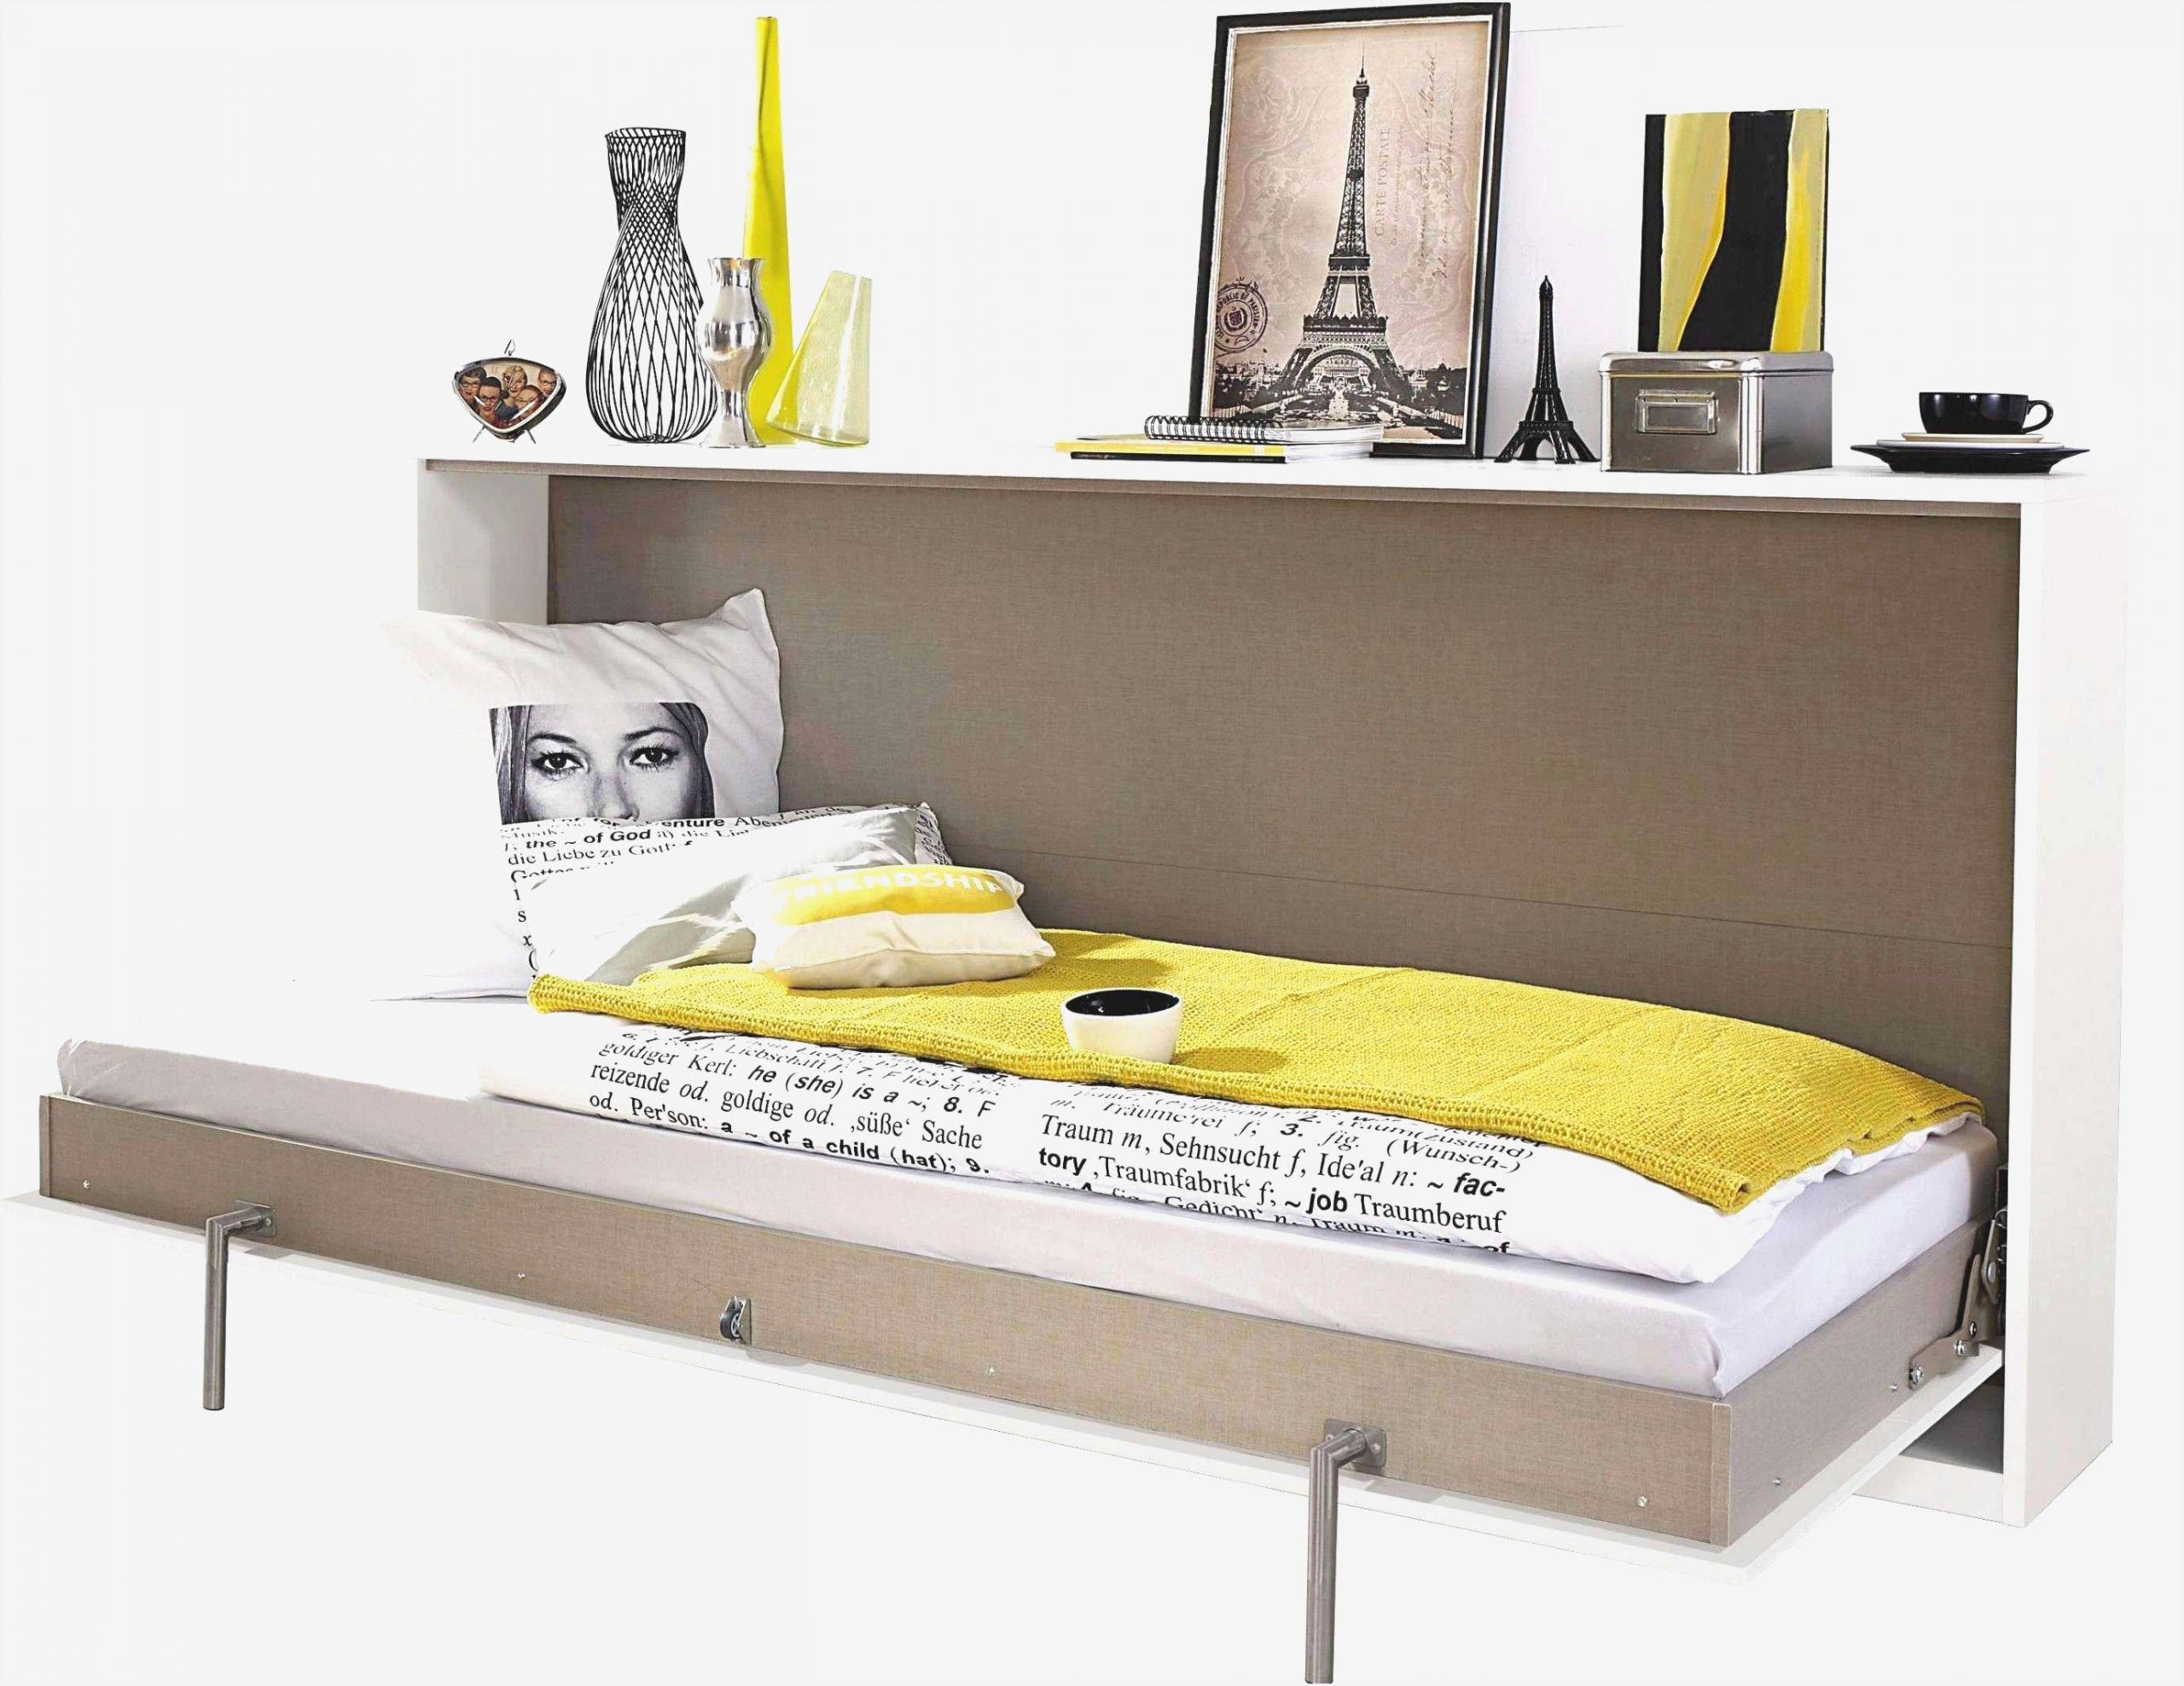 Full Size of Ausziehbares Bett Ikea Kinderzimmer Ausziehbare Autobett Außergewöhnliche Betten Düsseldorf Wickelbrett Für 160x200 Einfaches Wand Ruf Fabrikverkauf Bett Ausziehbares Bett